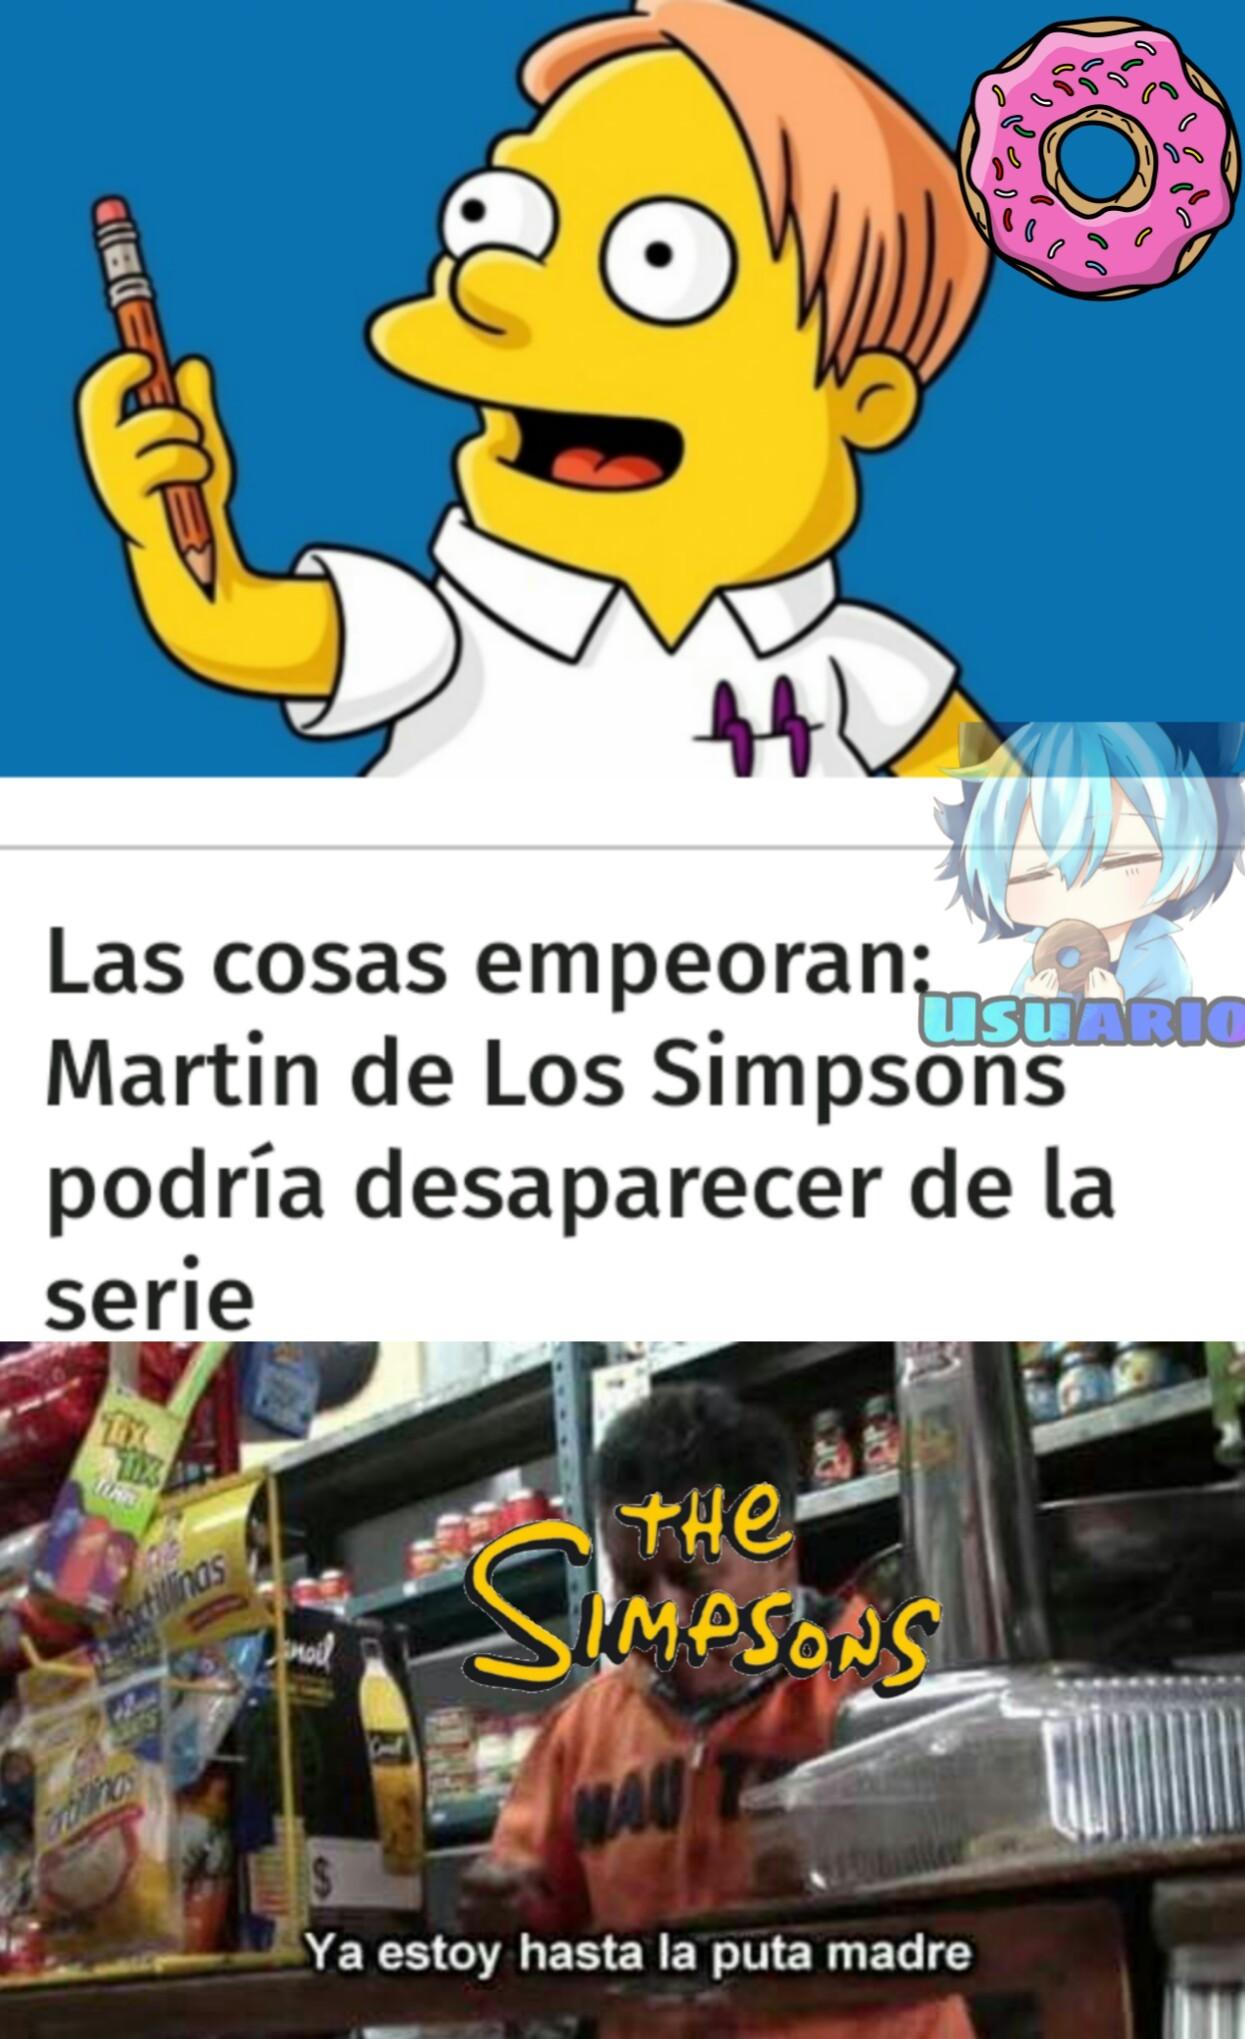 Looos Siimpsooons... :allthethings: - meme